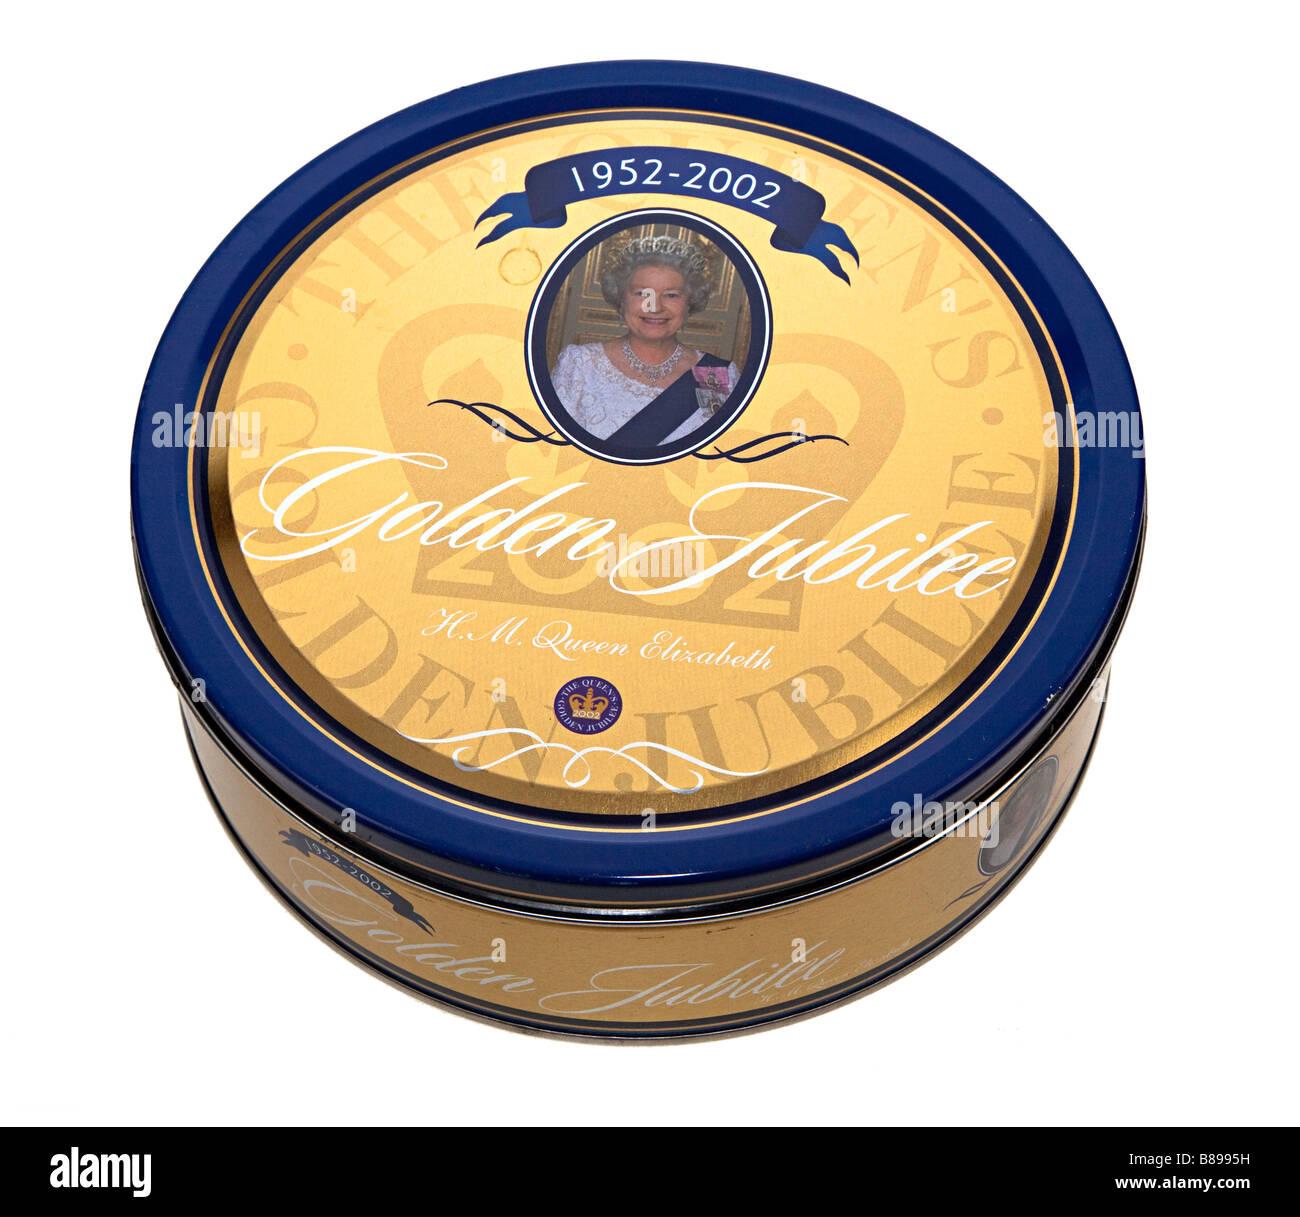 Anniversaire de la reine Elizabeth II 1952-2002 sur l'étain biscuit sablé UK Photo Stock